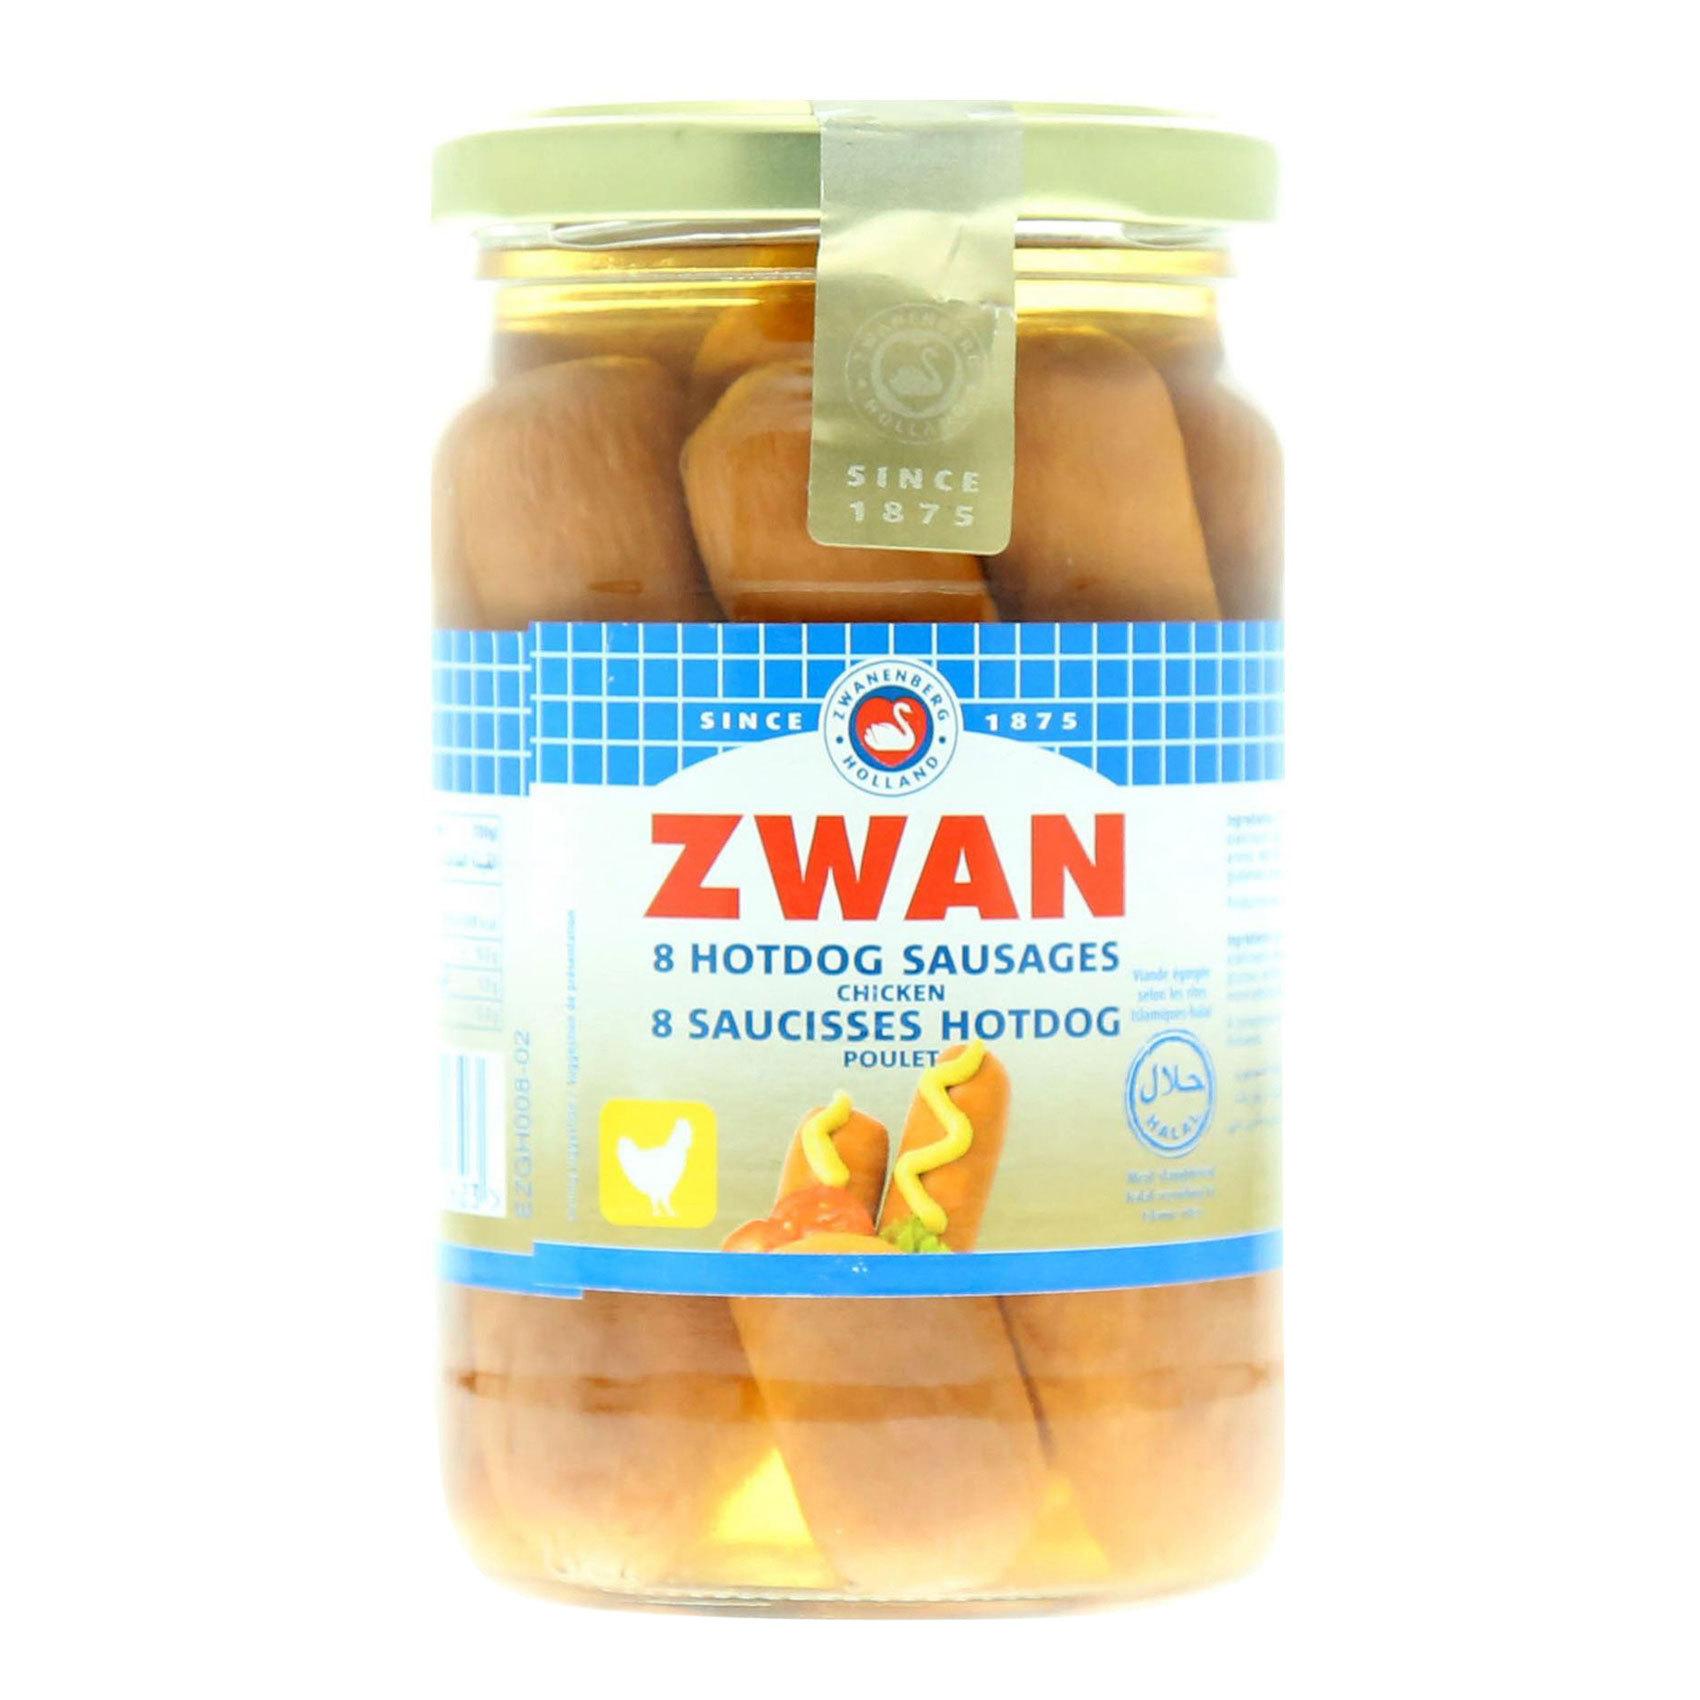 ZWAN HOT DOG CHICKEN GLASS JAR 270G